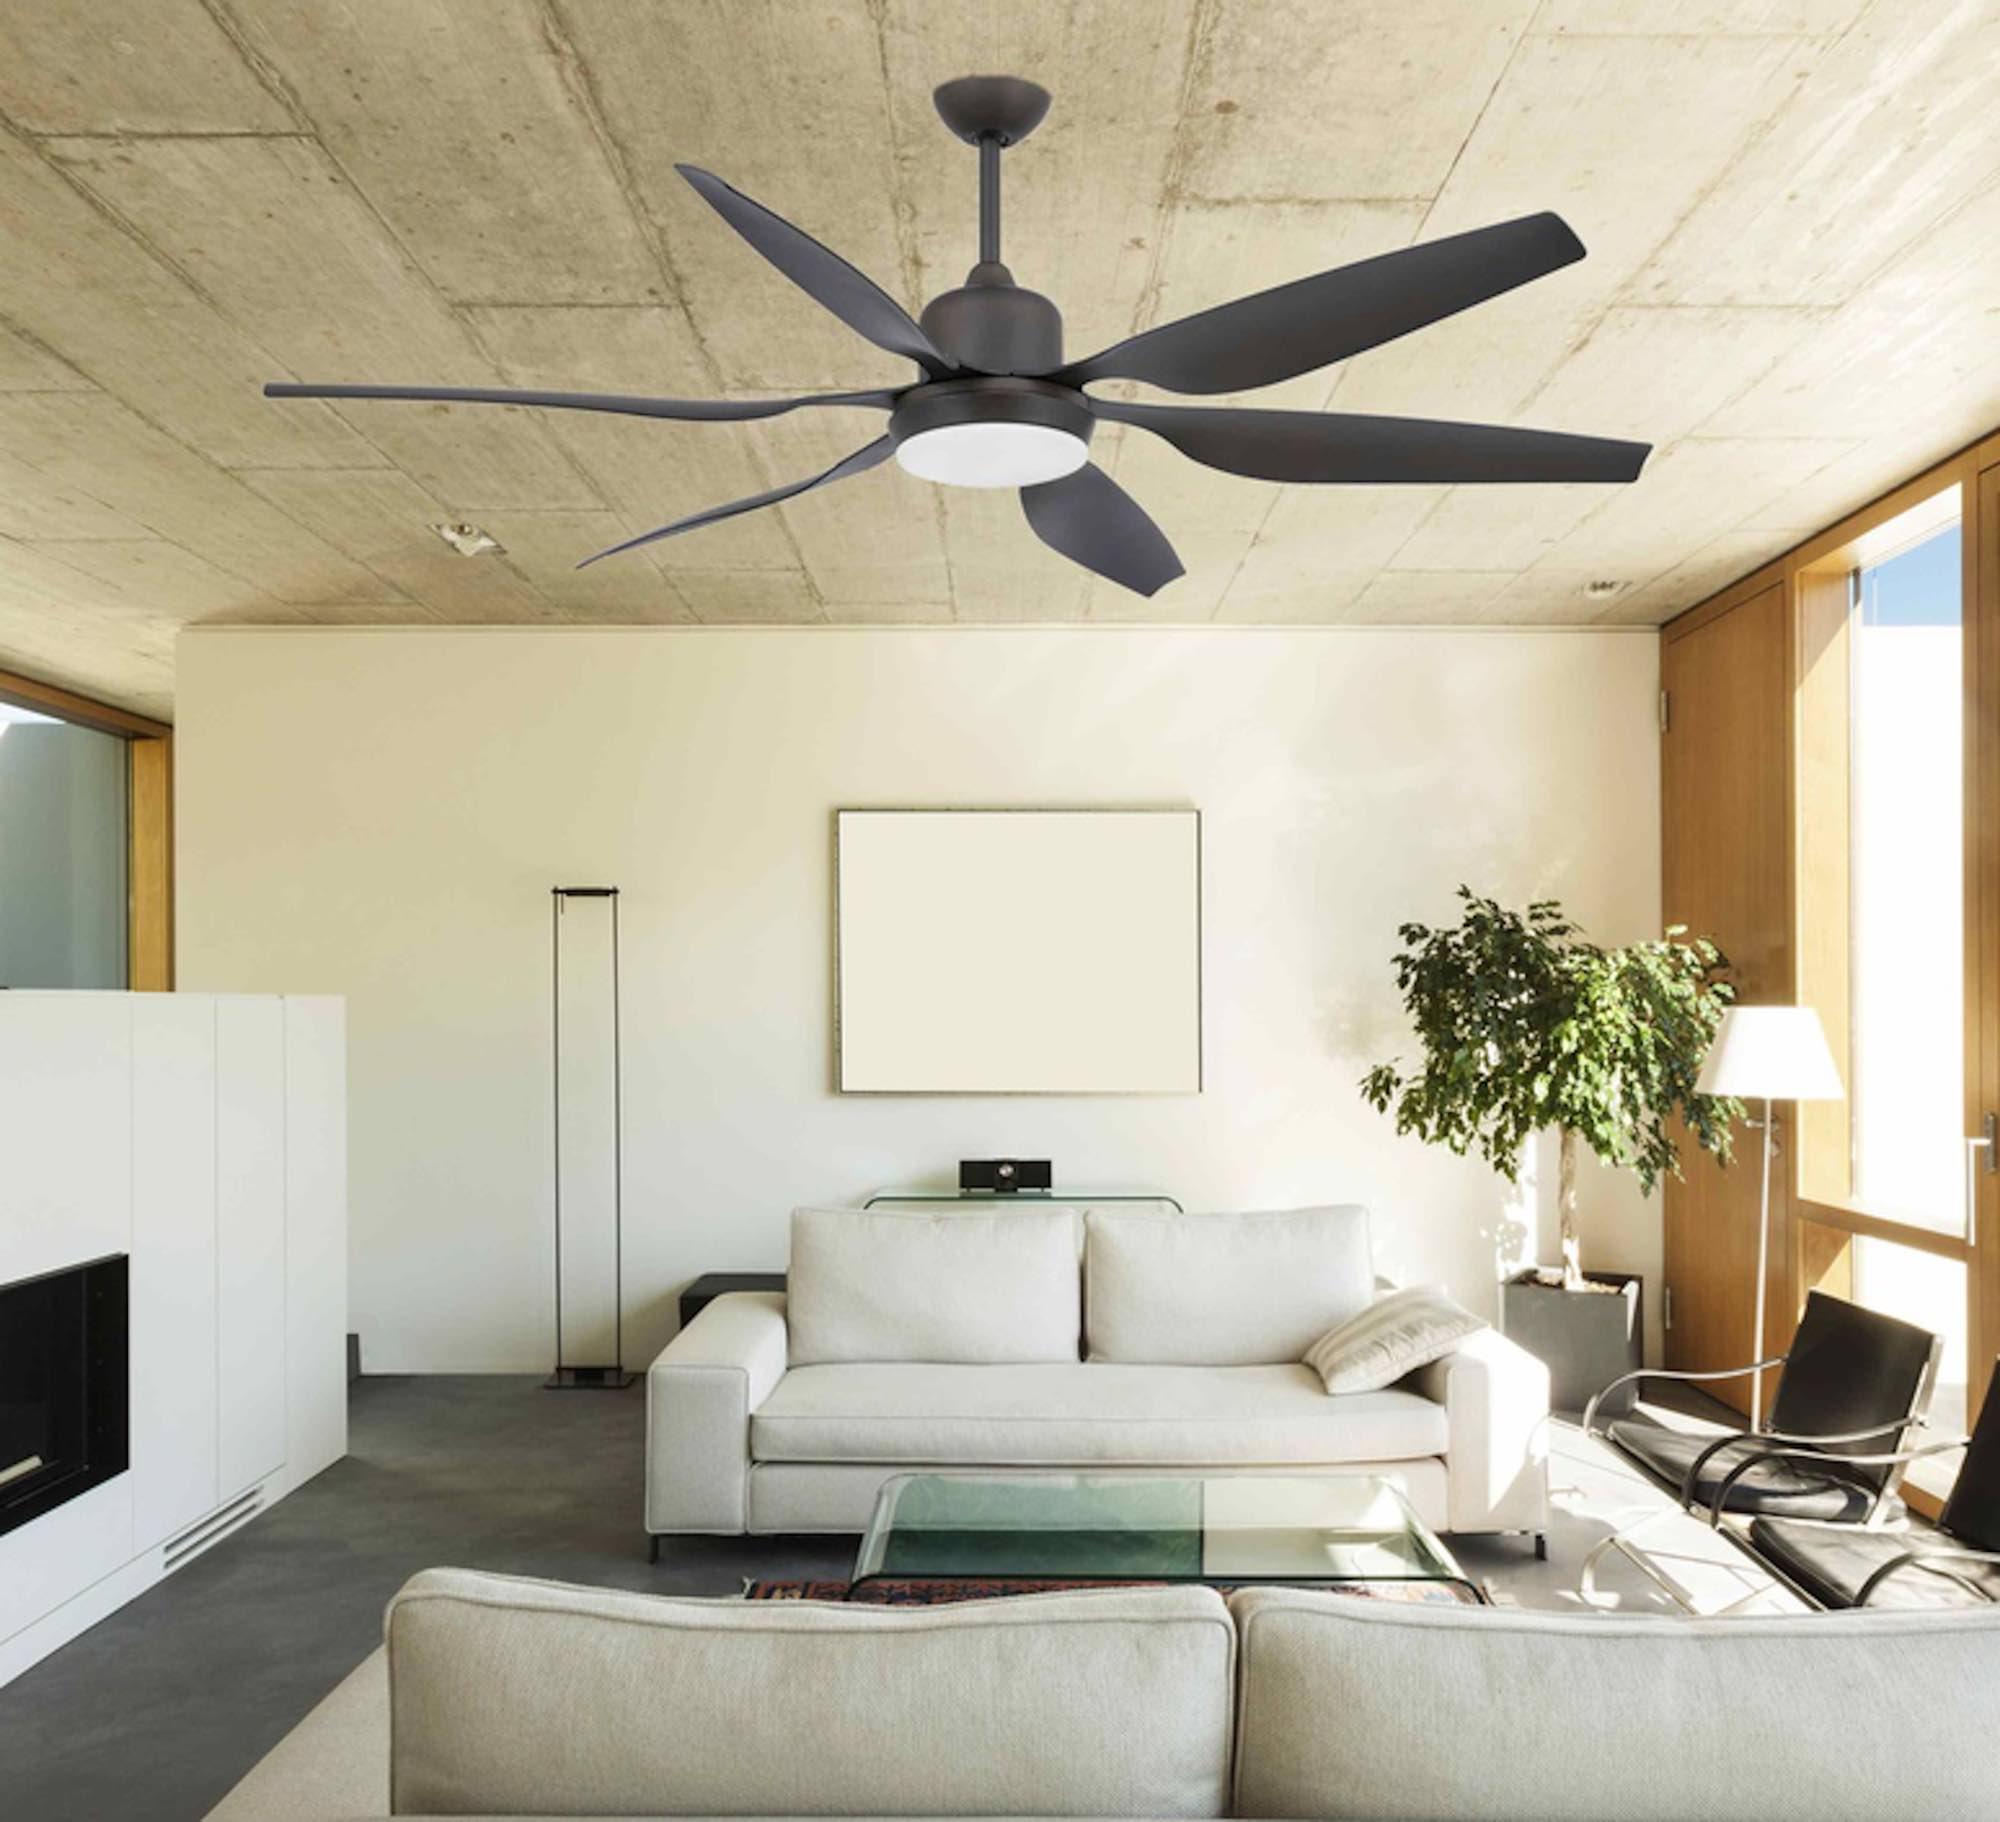 Les ventilateurs lumineux